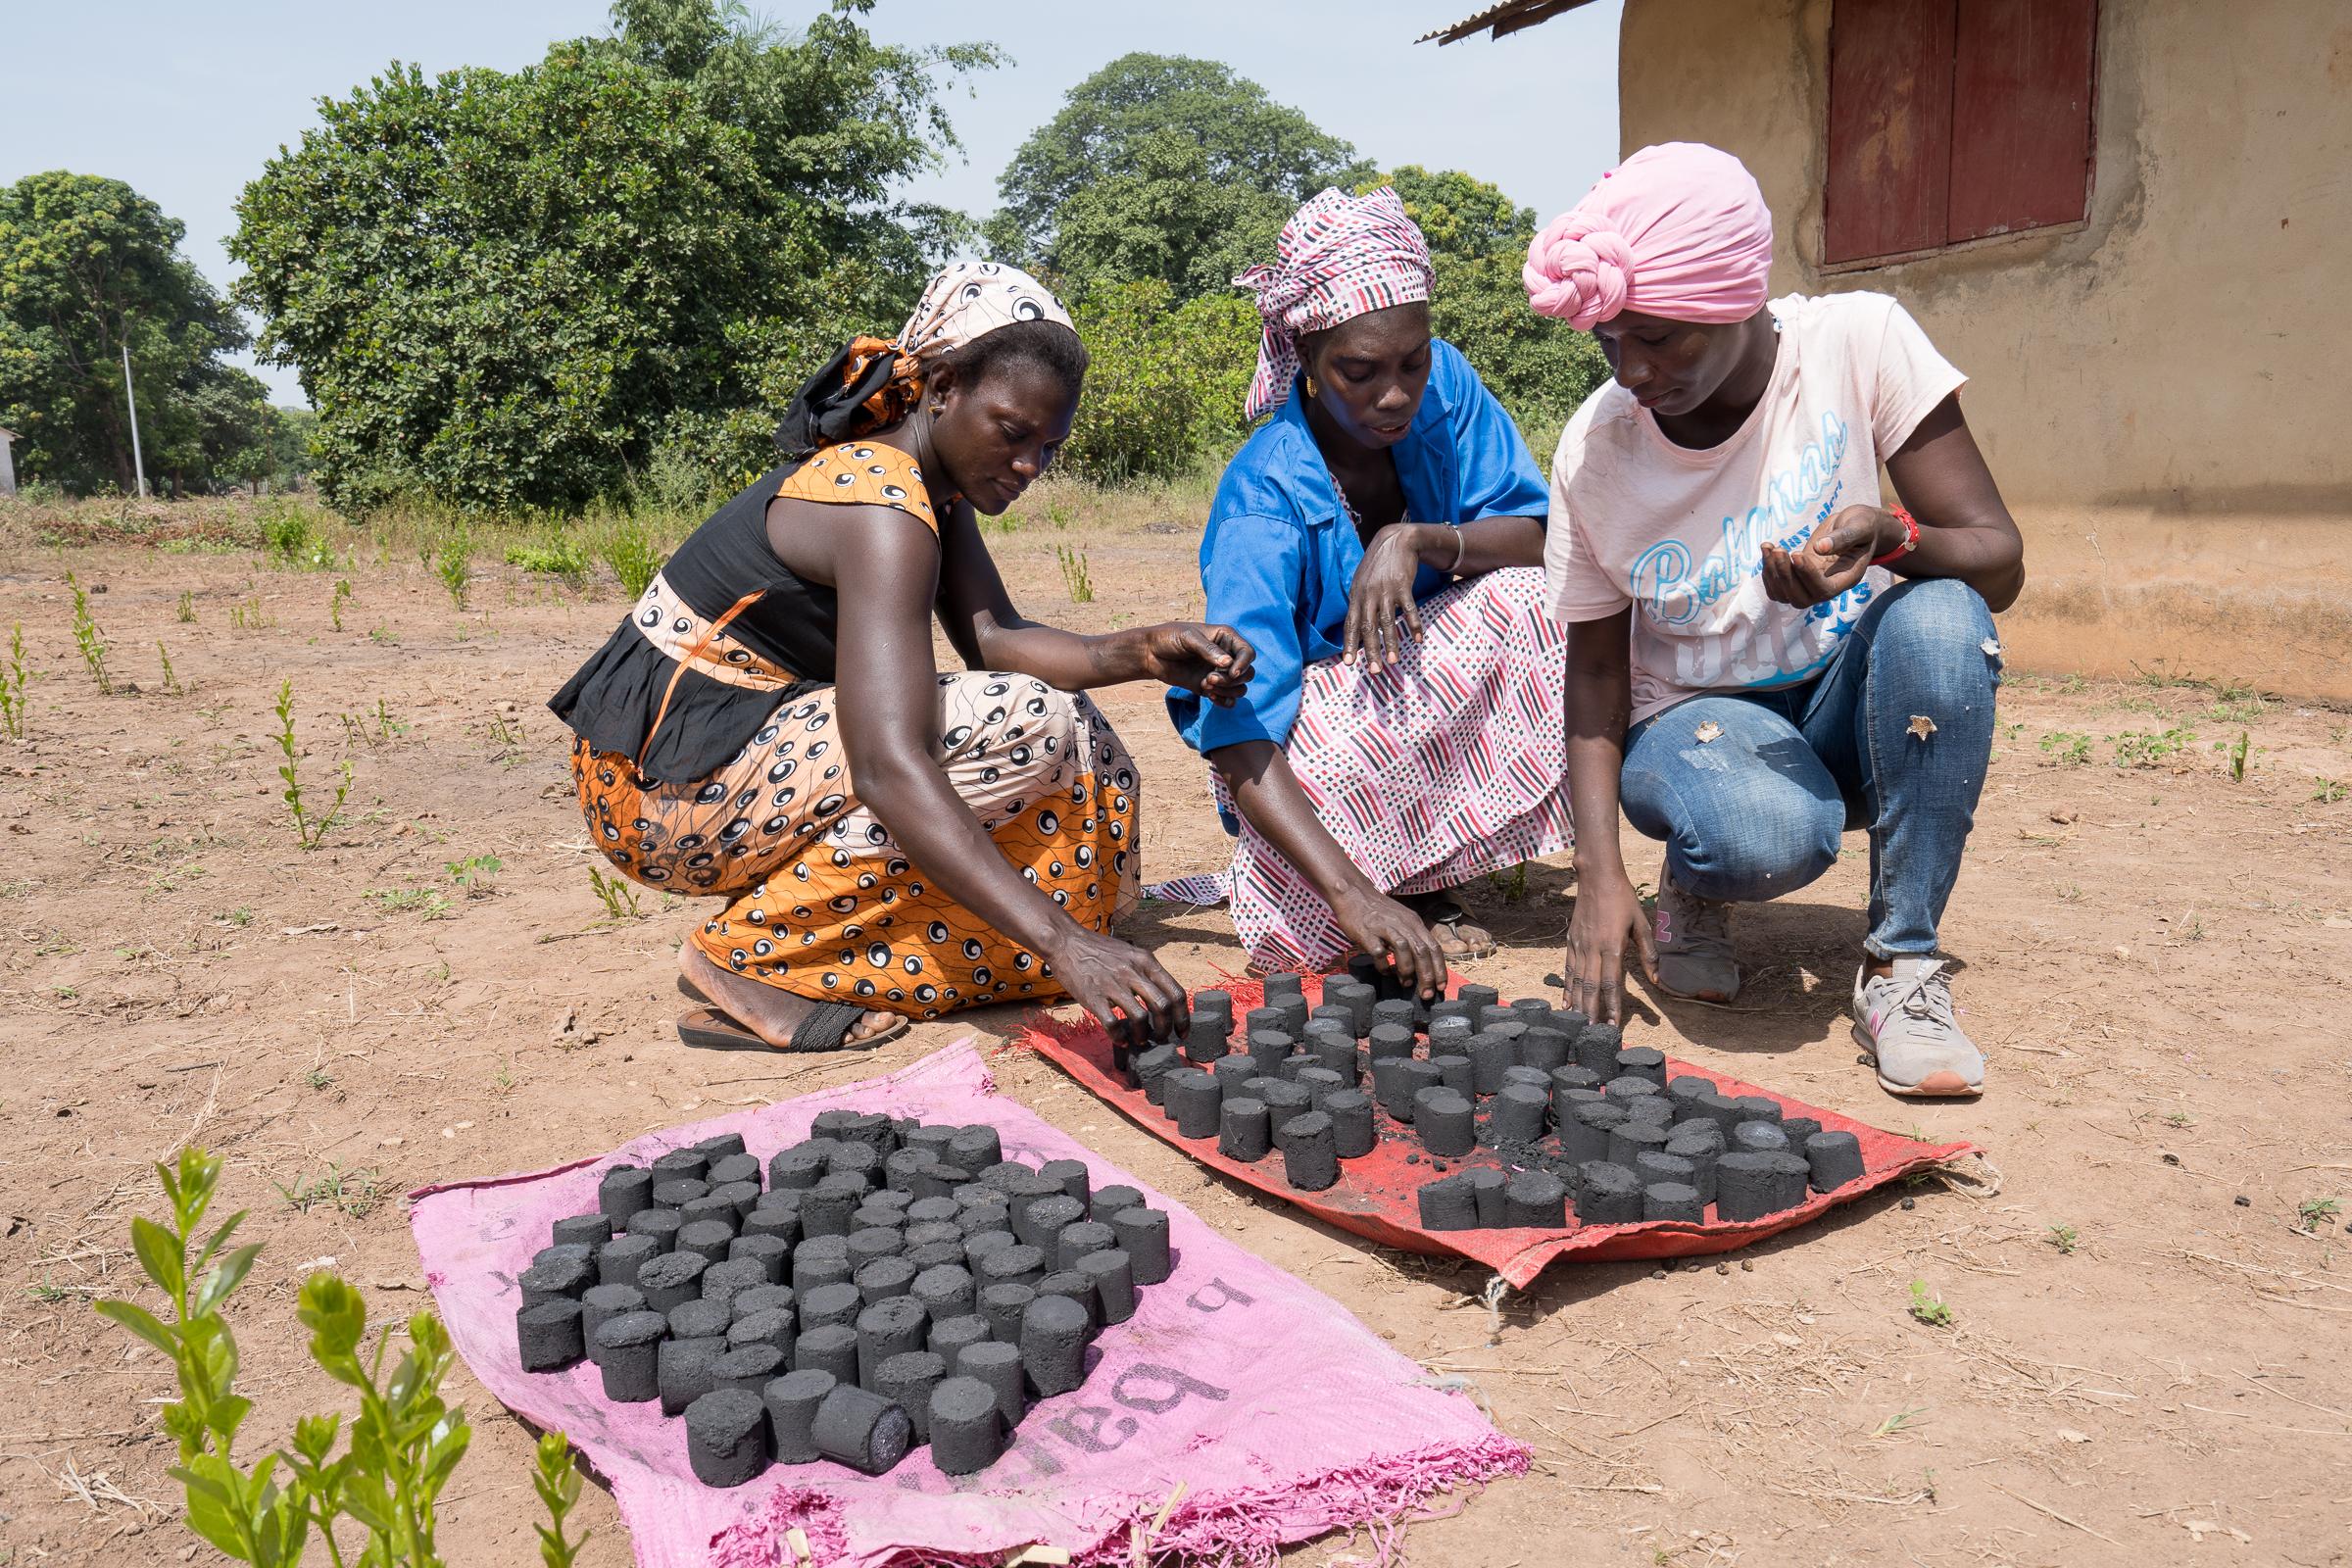 Frauen aus dem Senegal mit selbst hergestellten Kohlebriketts aus nachwachsenden Rohstoffen